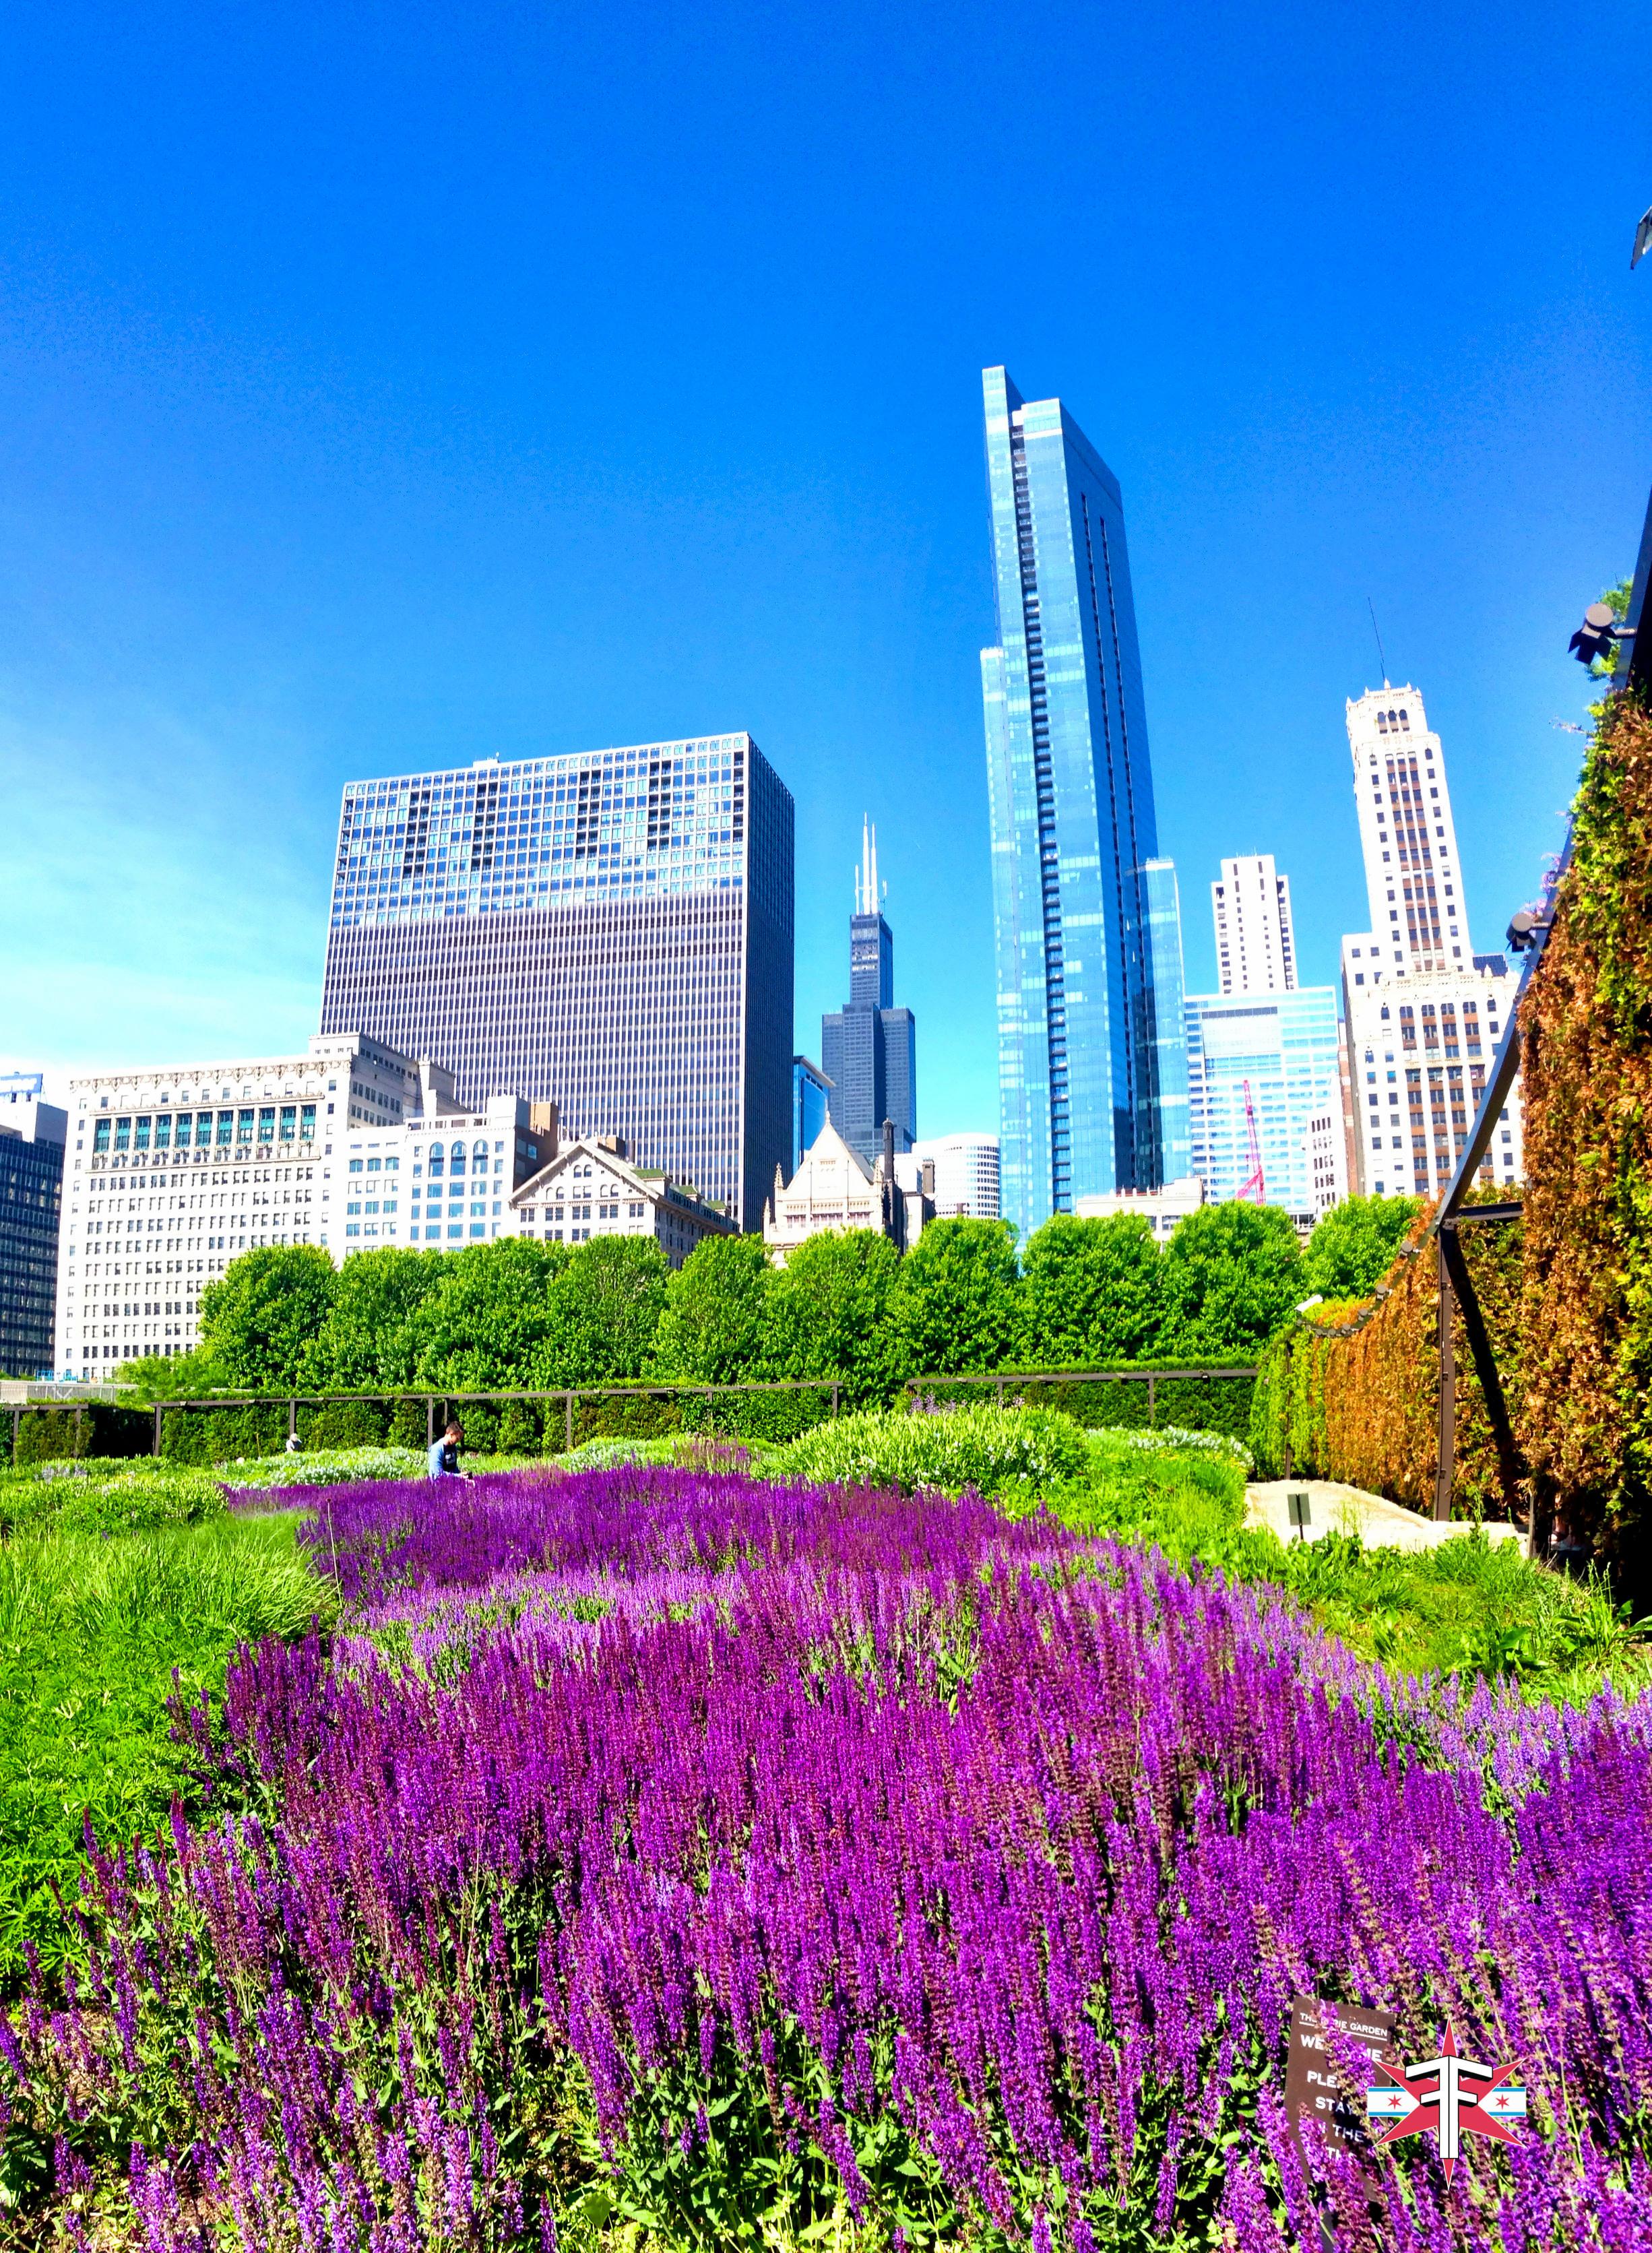 chicago art architecture eric formato photography design arquitectura architettura buildings skyscraper skyscrapers-301.jpg